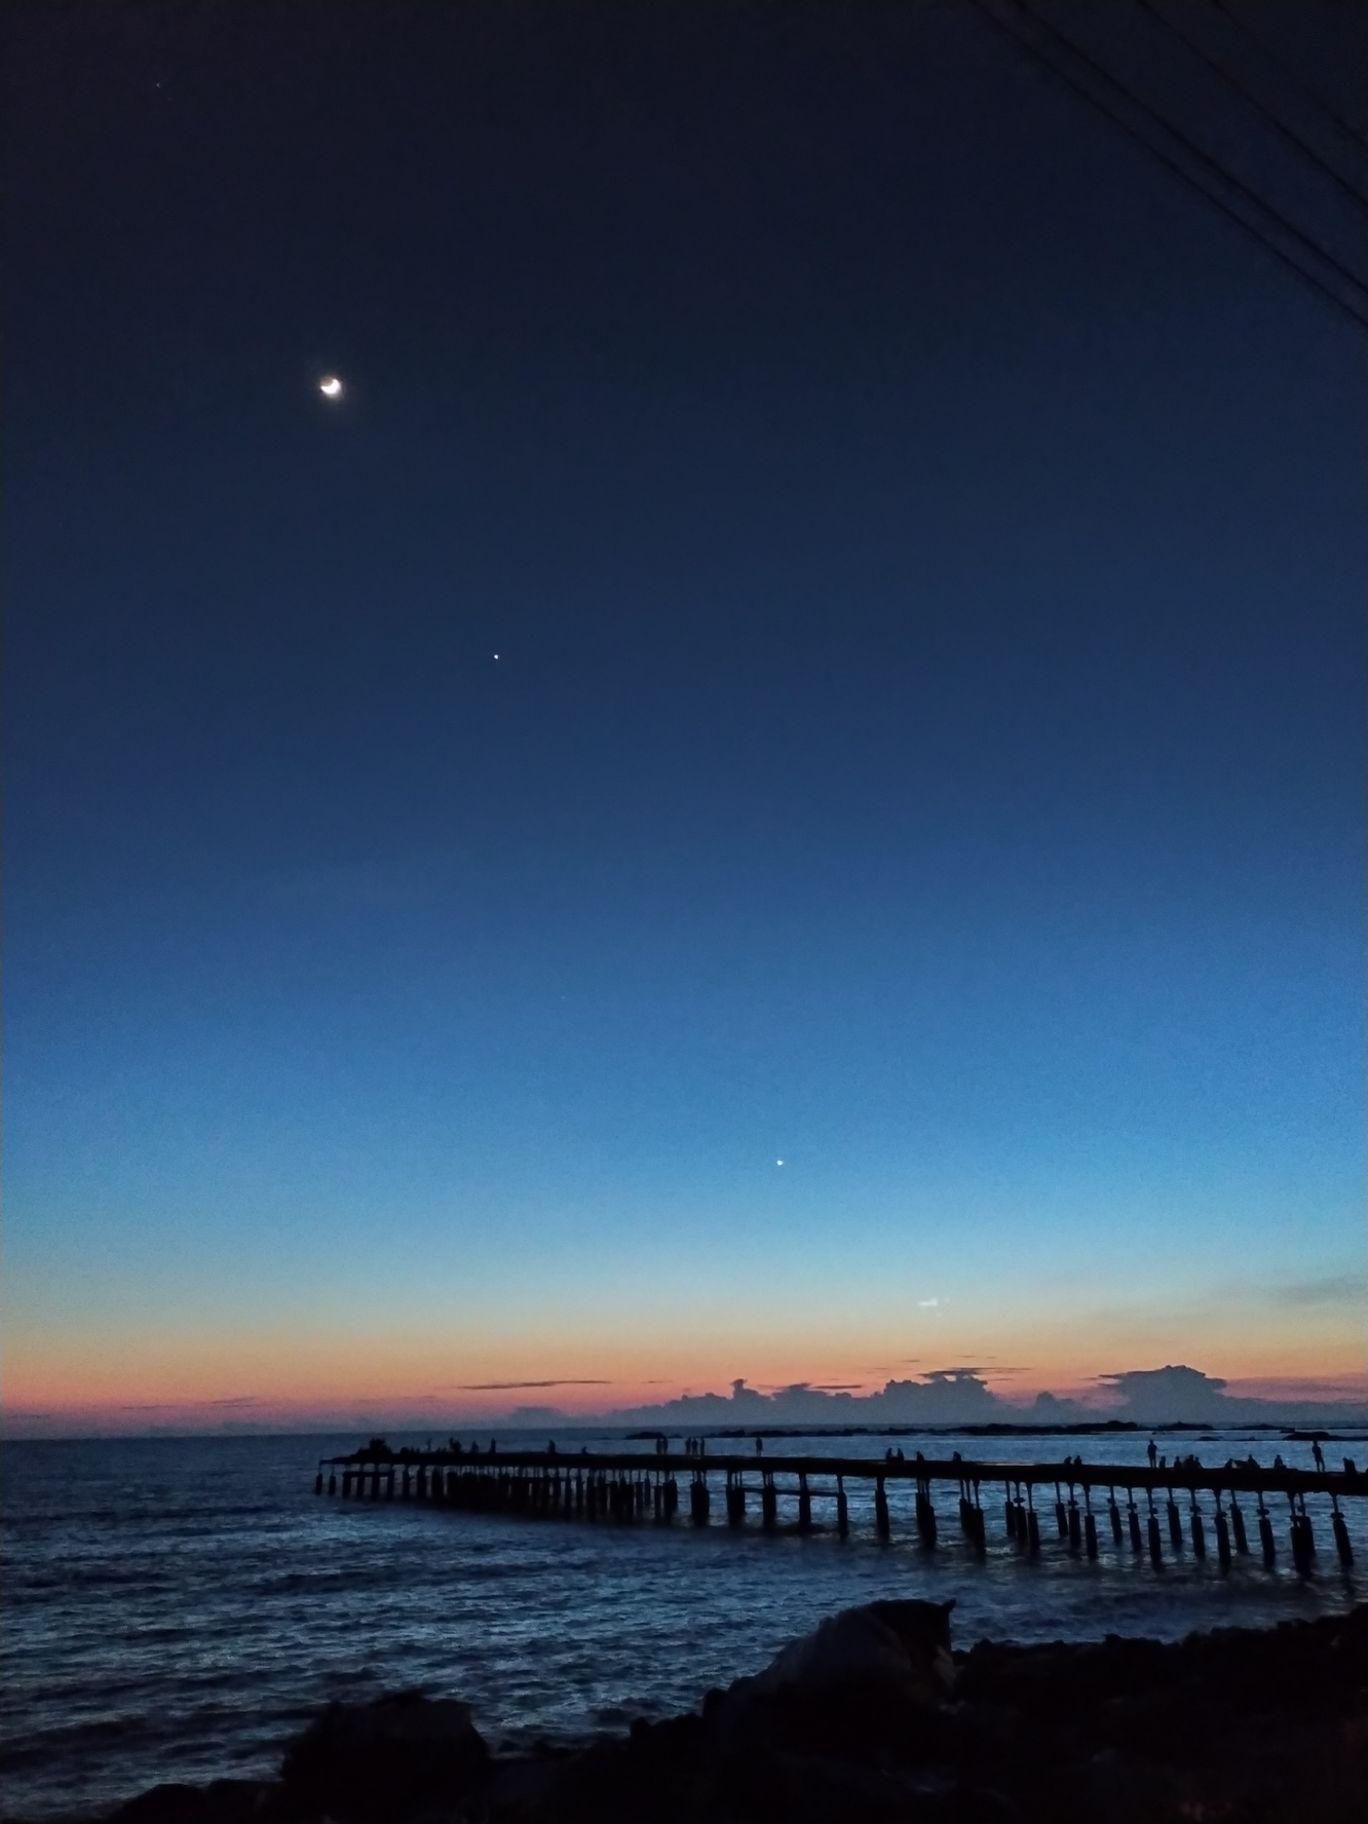 Photo of Thalassery By Danish munaz